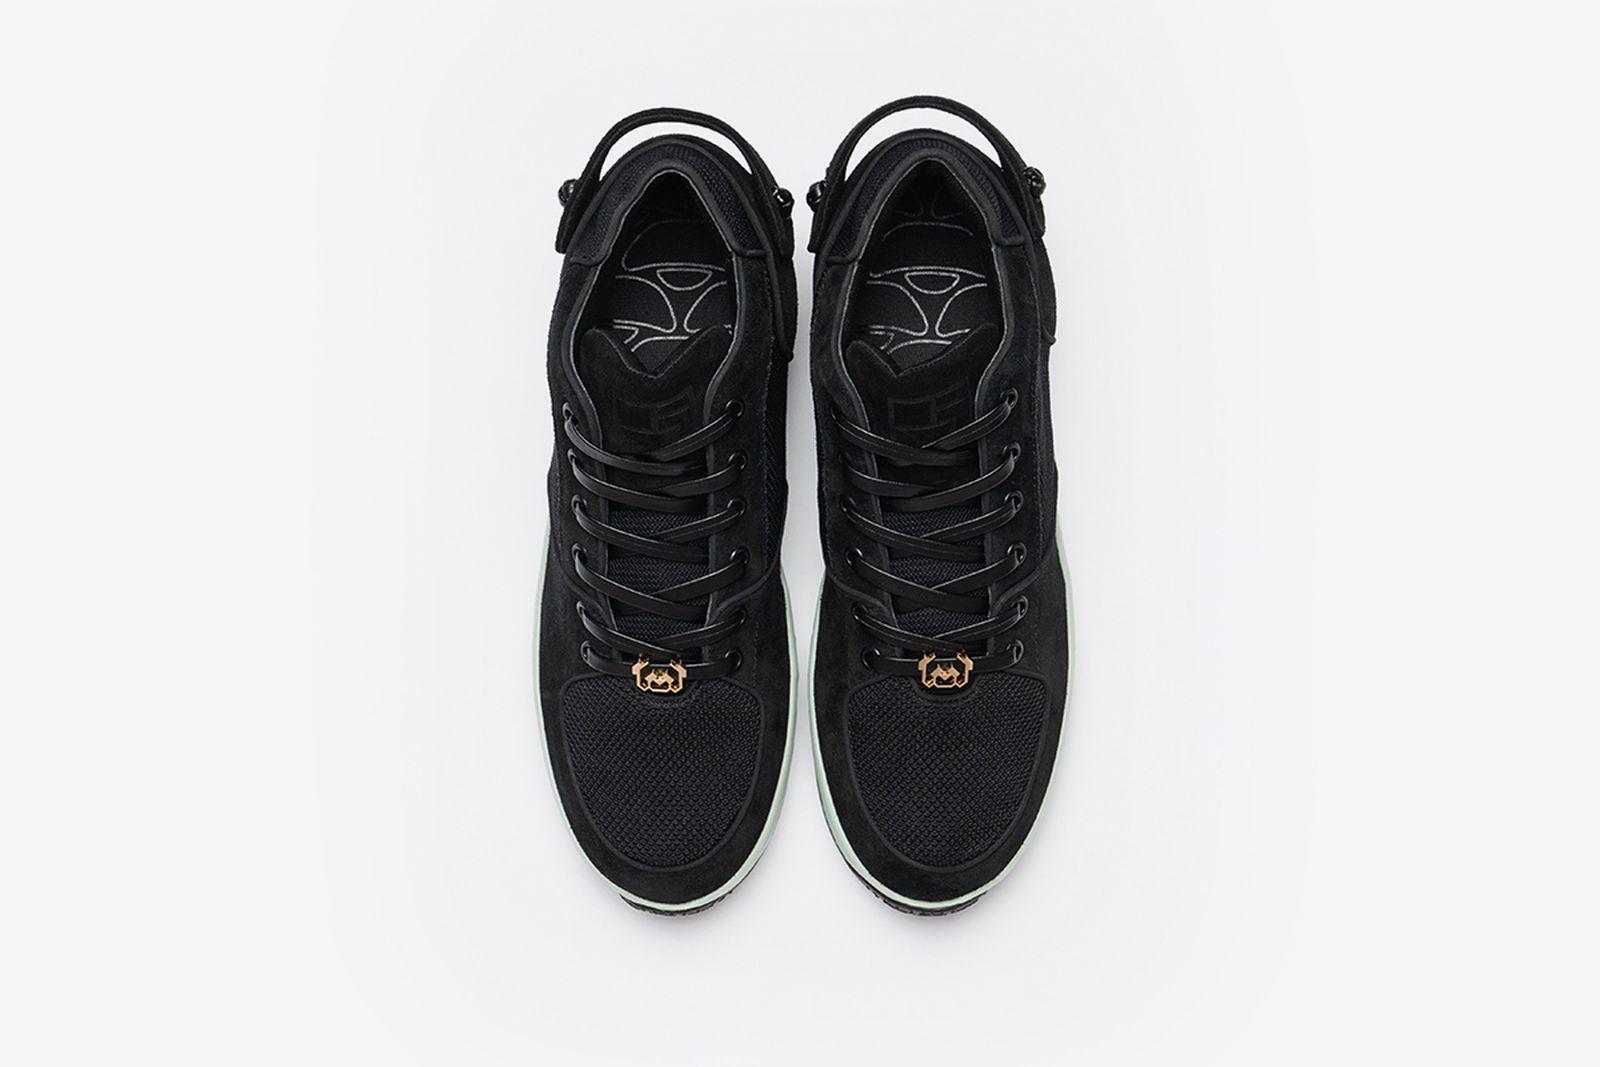 shang-zia-shuneaker-release-date-price-06